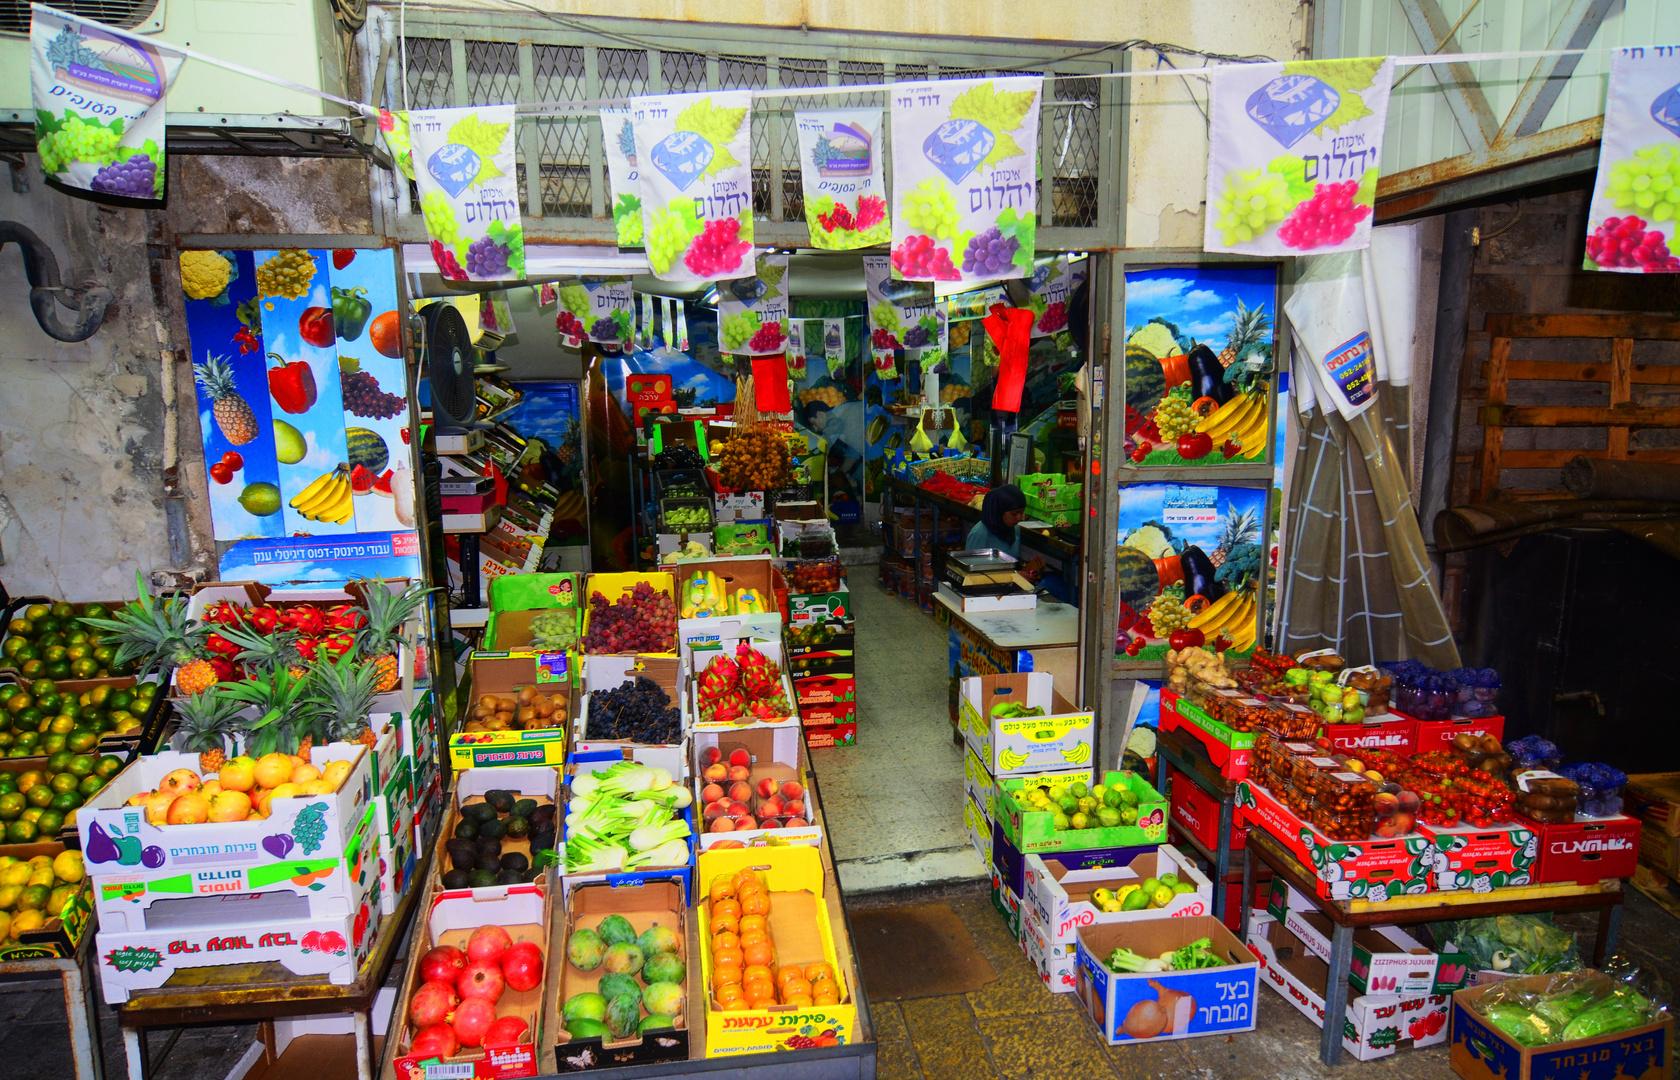 größerer palestinensischer Obst- und Gemüseladen in Nazareth